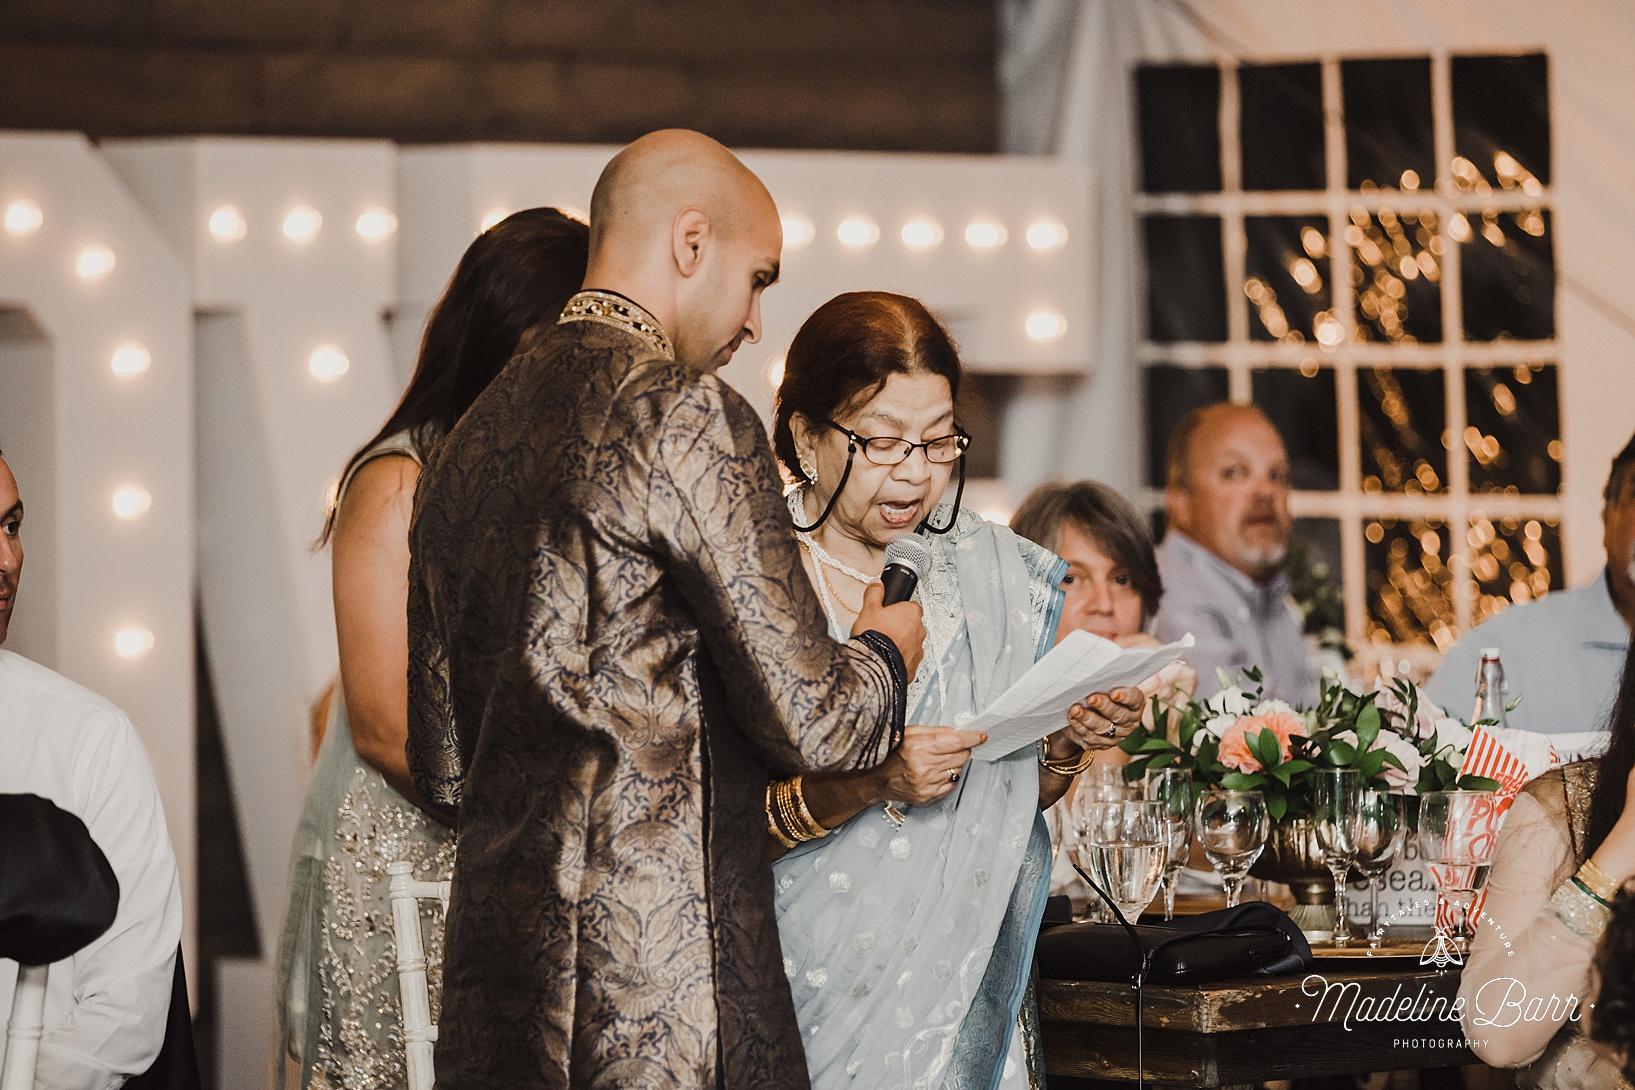 SanDiego_Multicultural_Elopement_Wedding0055.jpg